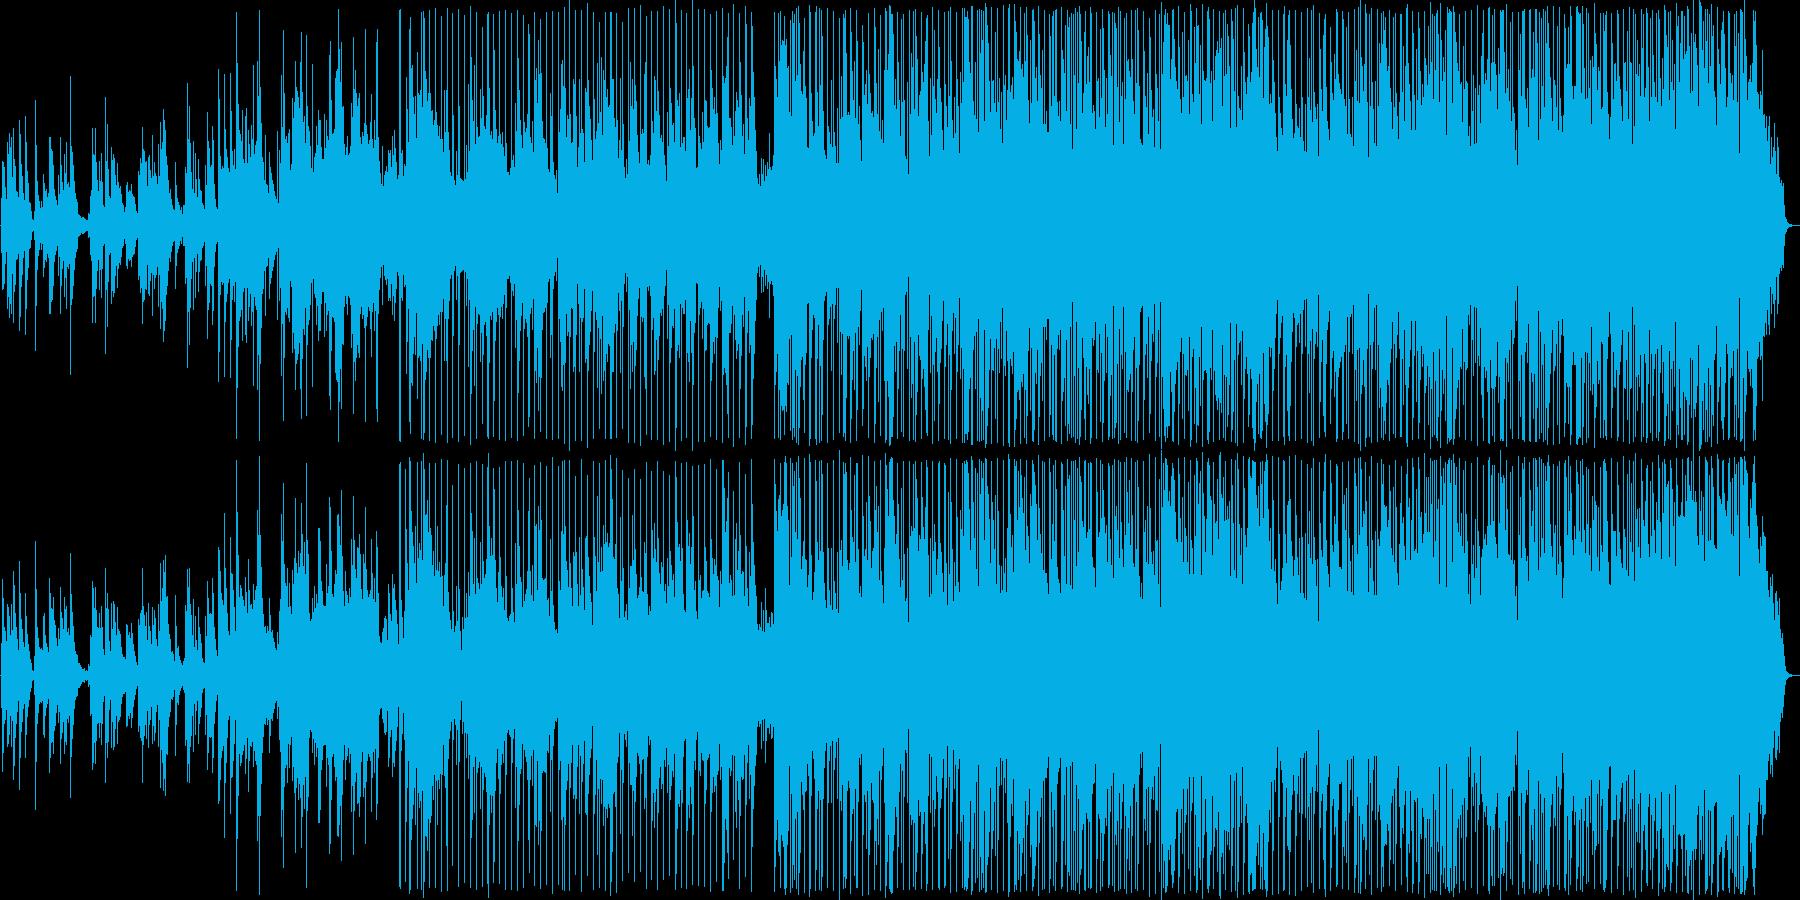 ギターの音色が印象的な楽観的なブルースの再生済みの波形